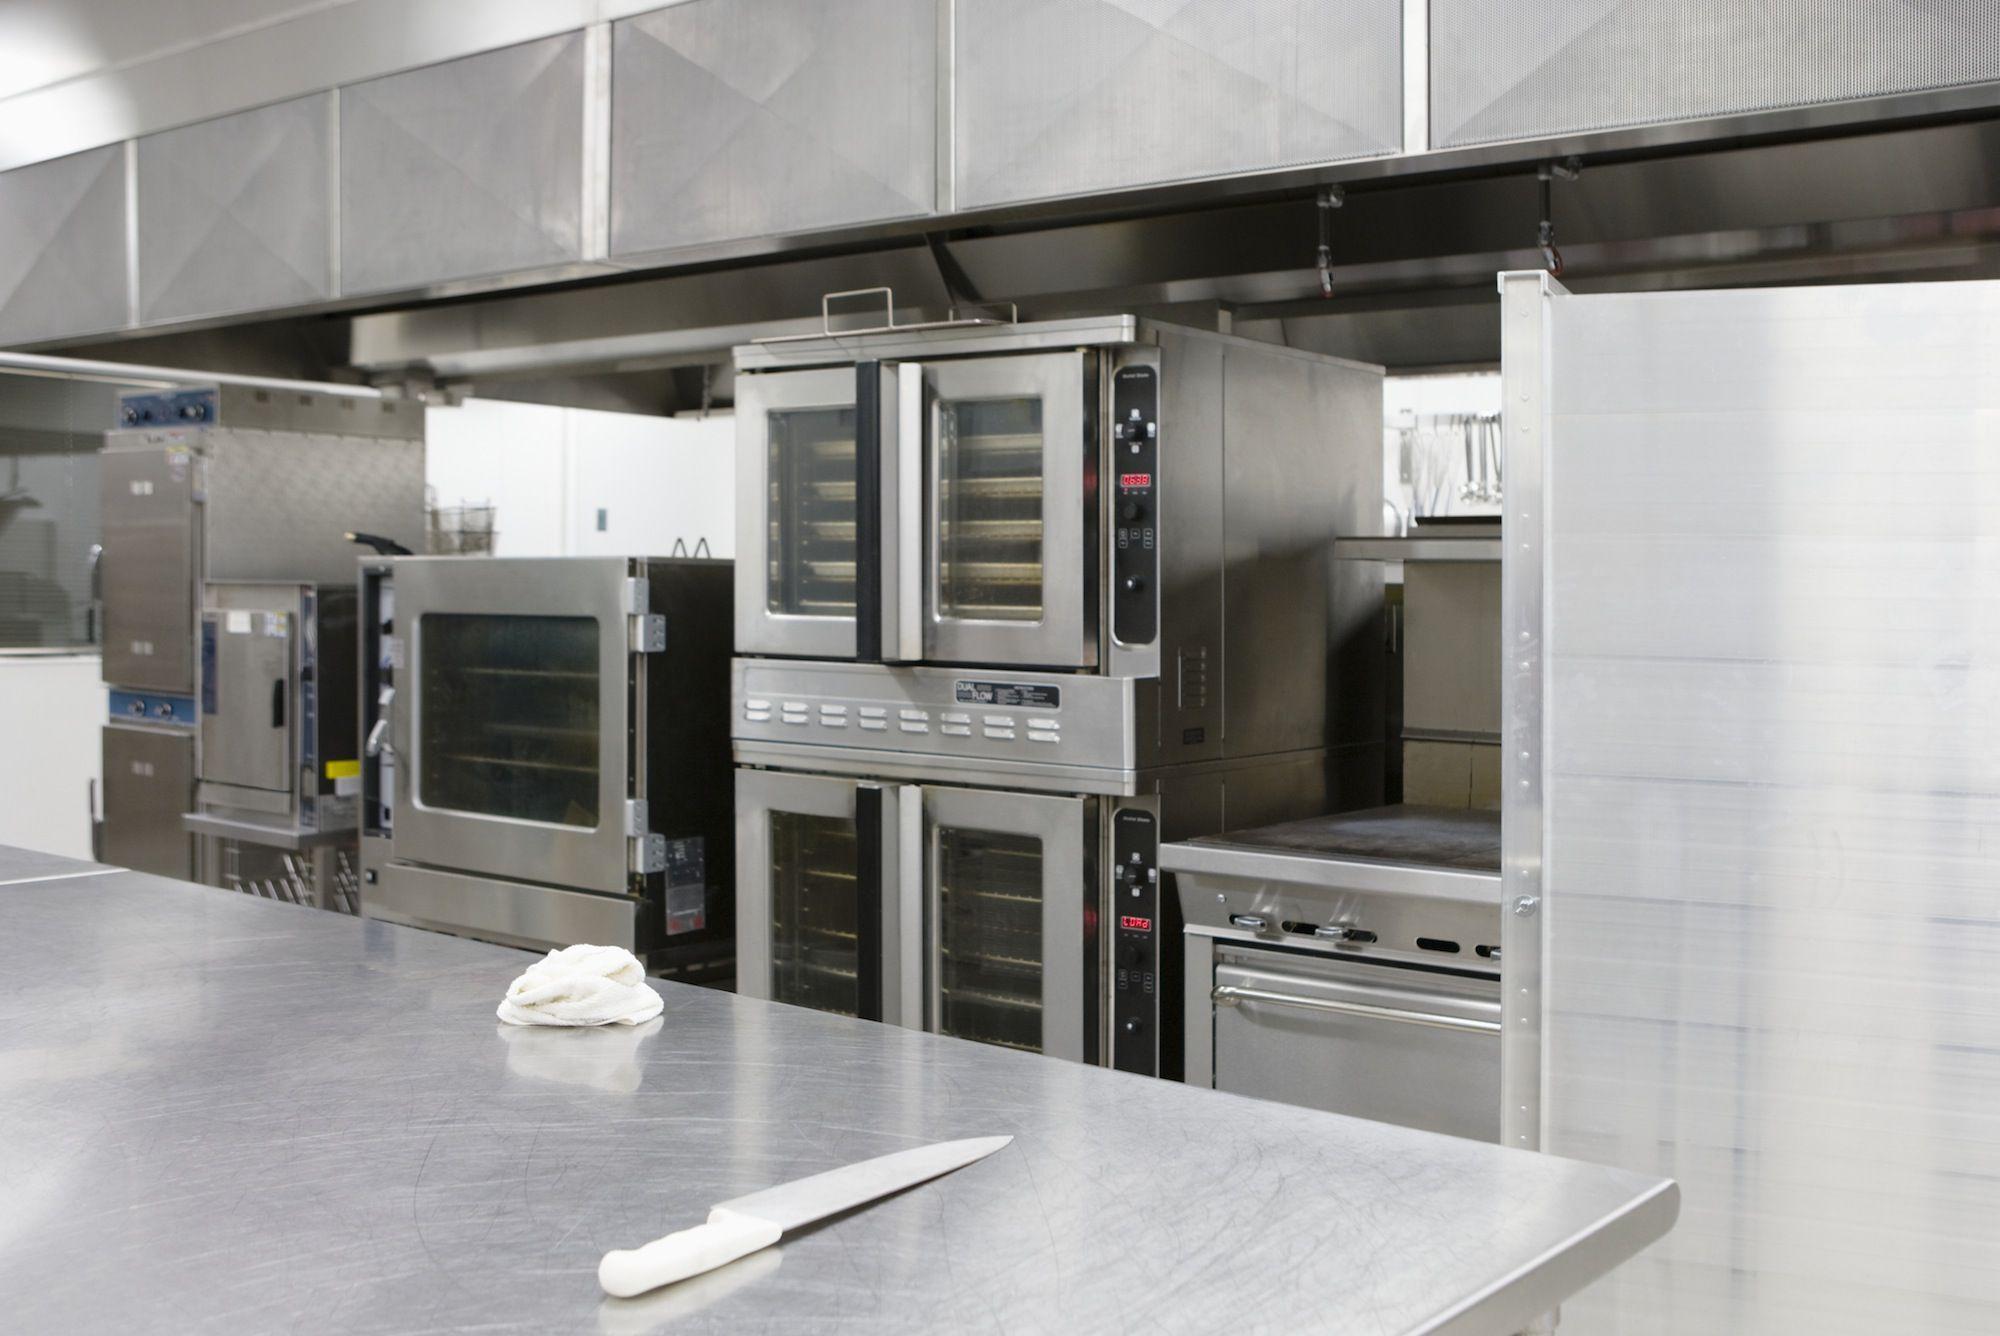 Here Are The Basics Of Commercial Grade Restaurant Equipment Restaurant Kitchen Equipment Commercial Kitchen Equipment Restaurant Equipment